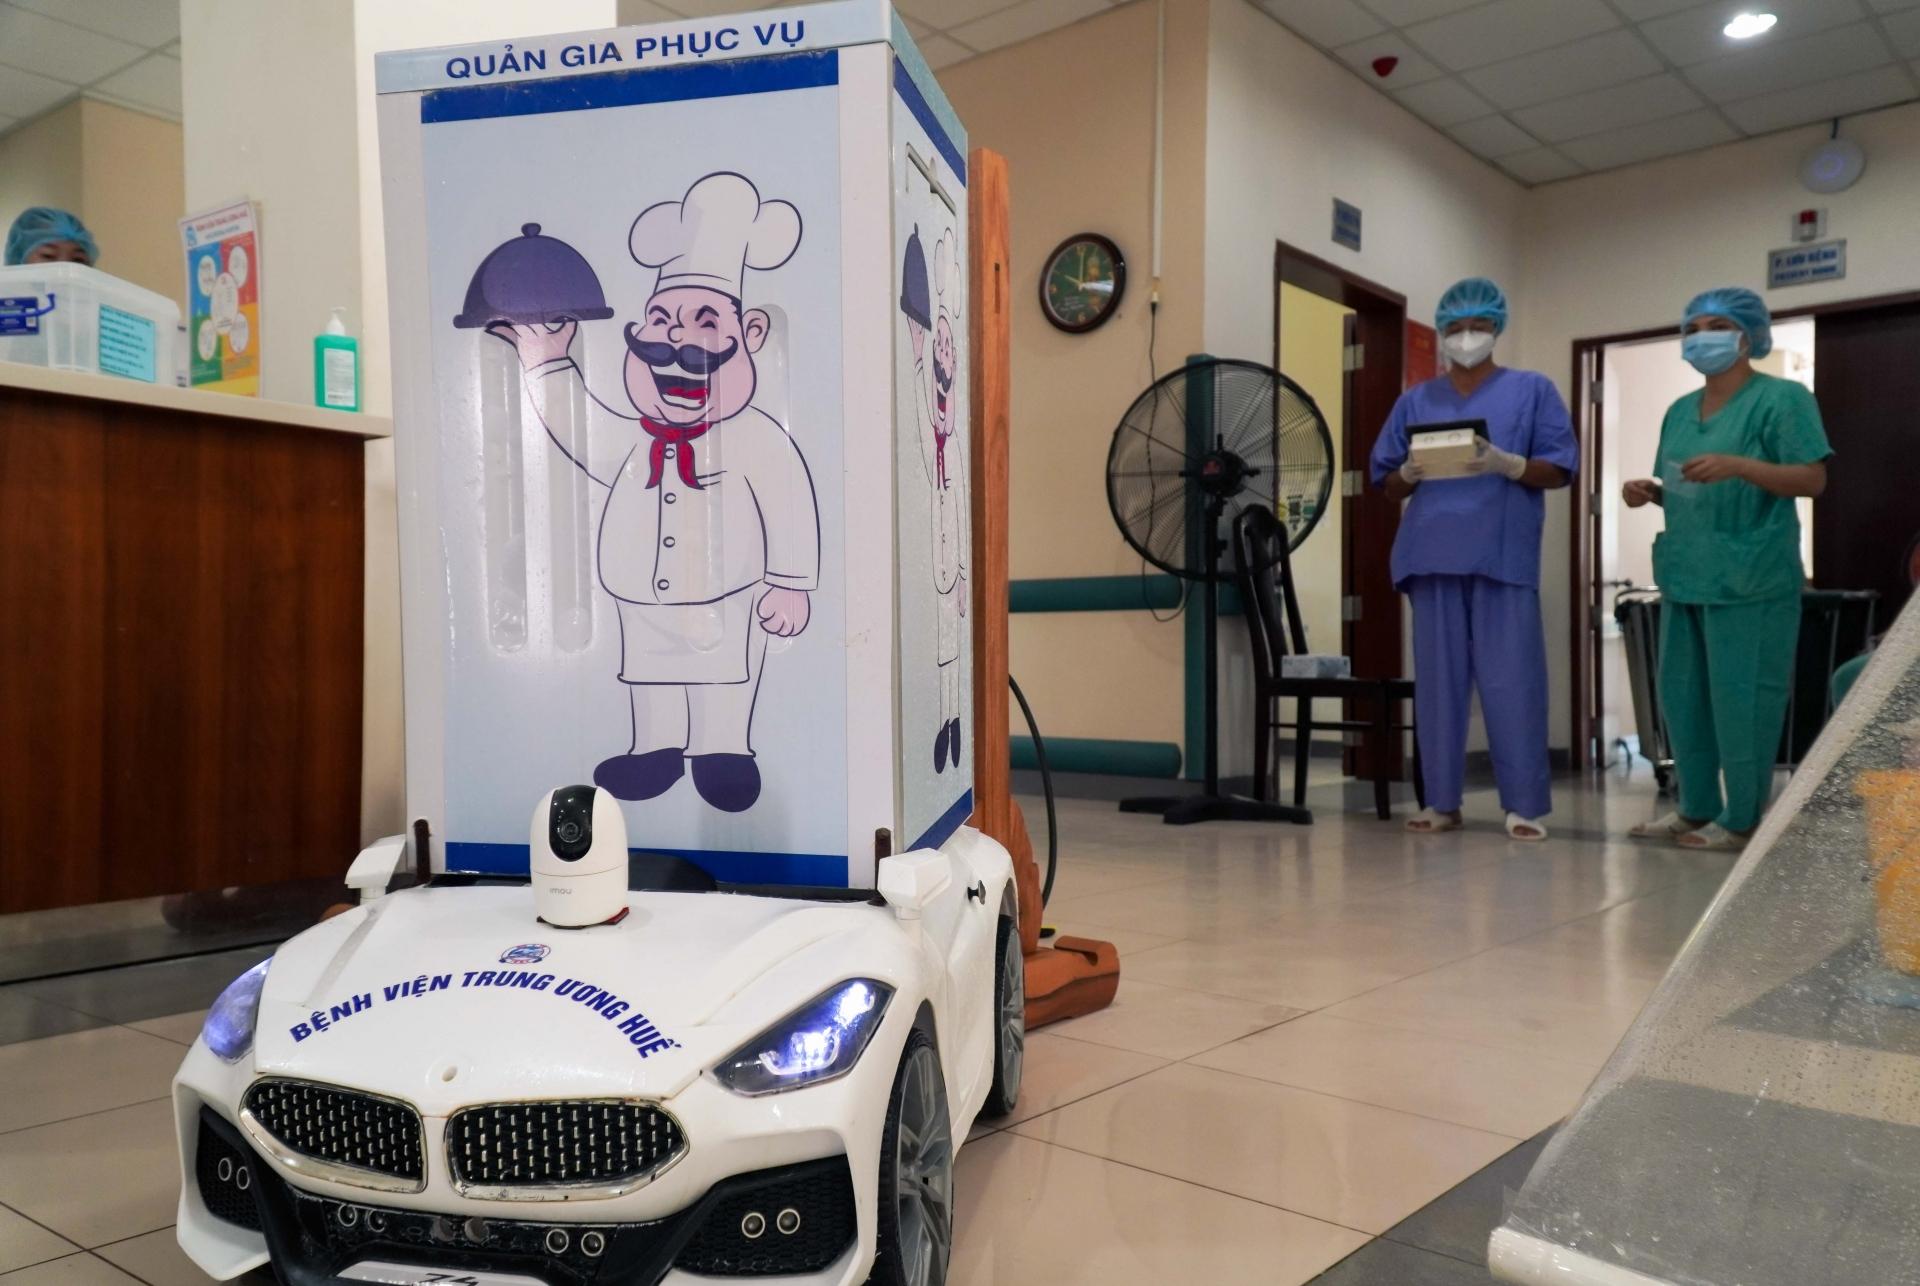 Robot chăm sóc bệnh nhân mắc Covid-19 tại Huế